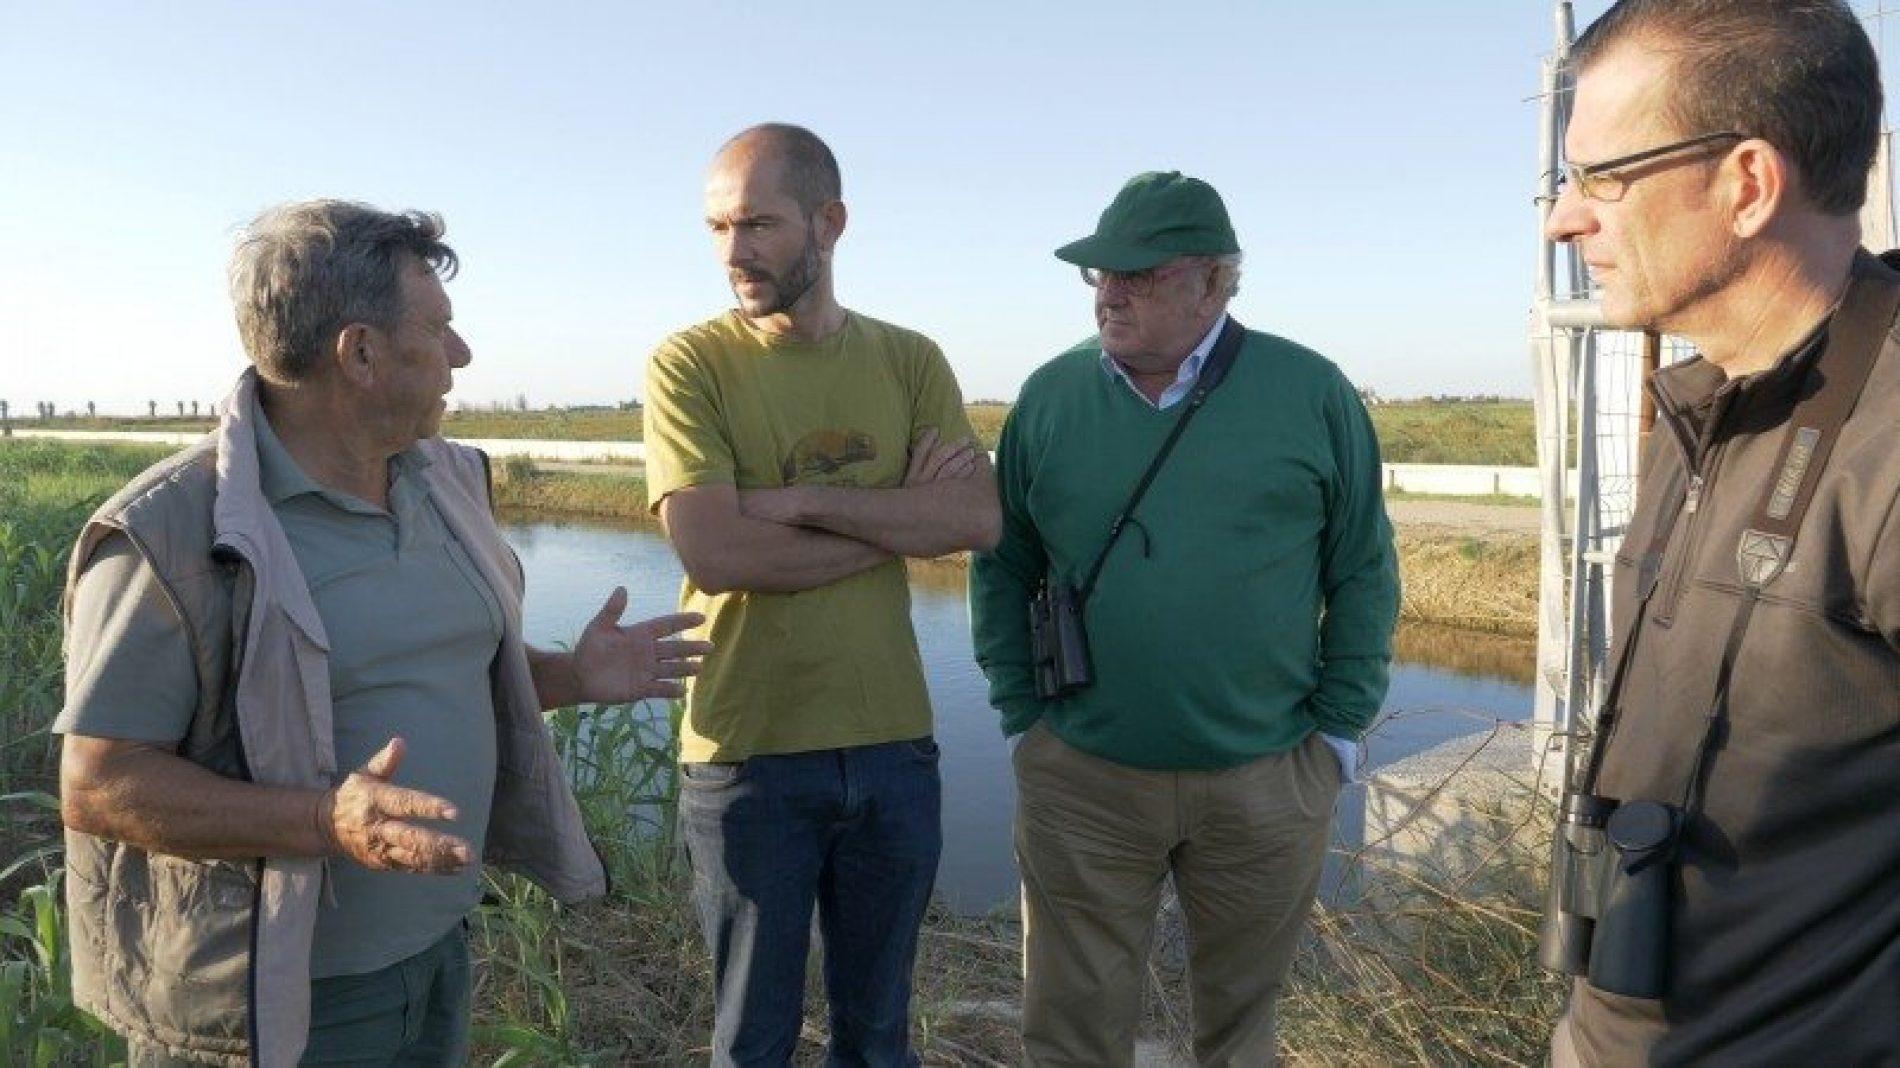 Cazadores, Federación Catalana de Caza, Artemisan y Generalitat colaborarán en el censo de aves acuáticas cinegéticas del Delta del Ebro